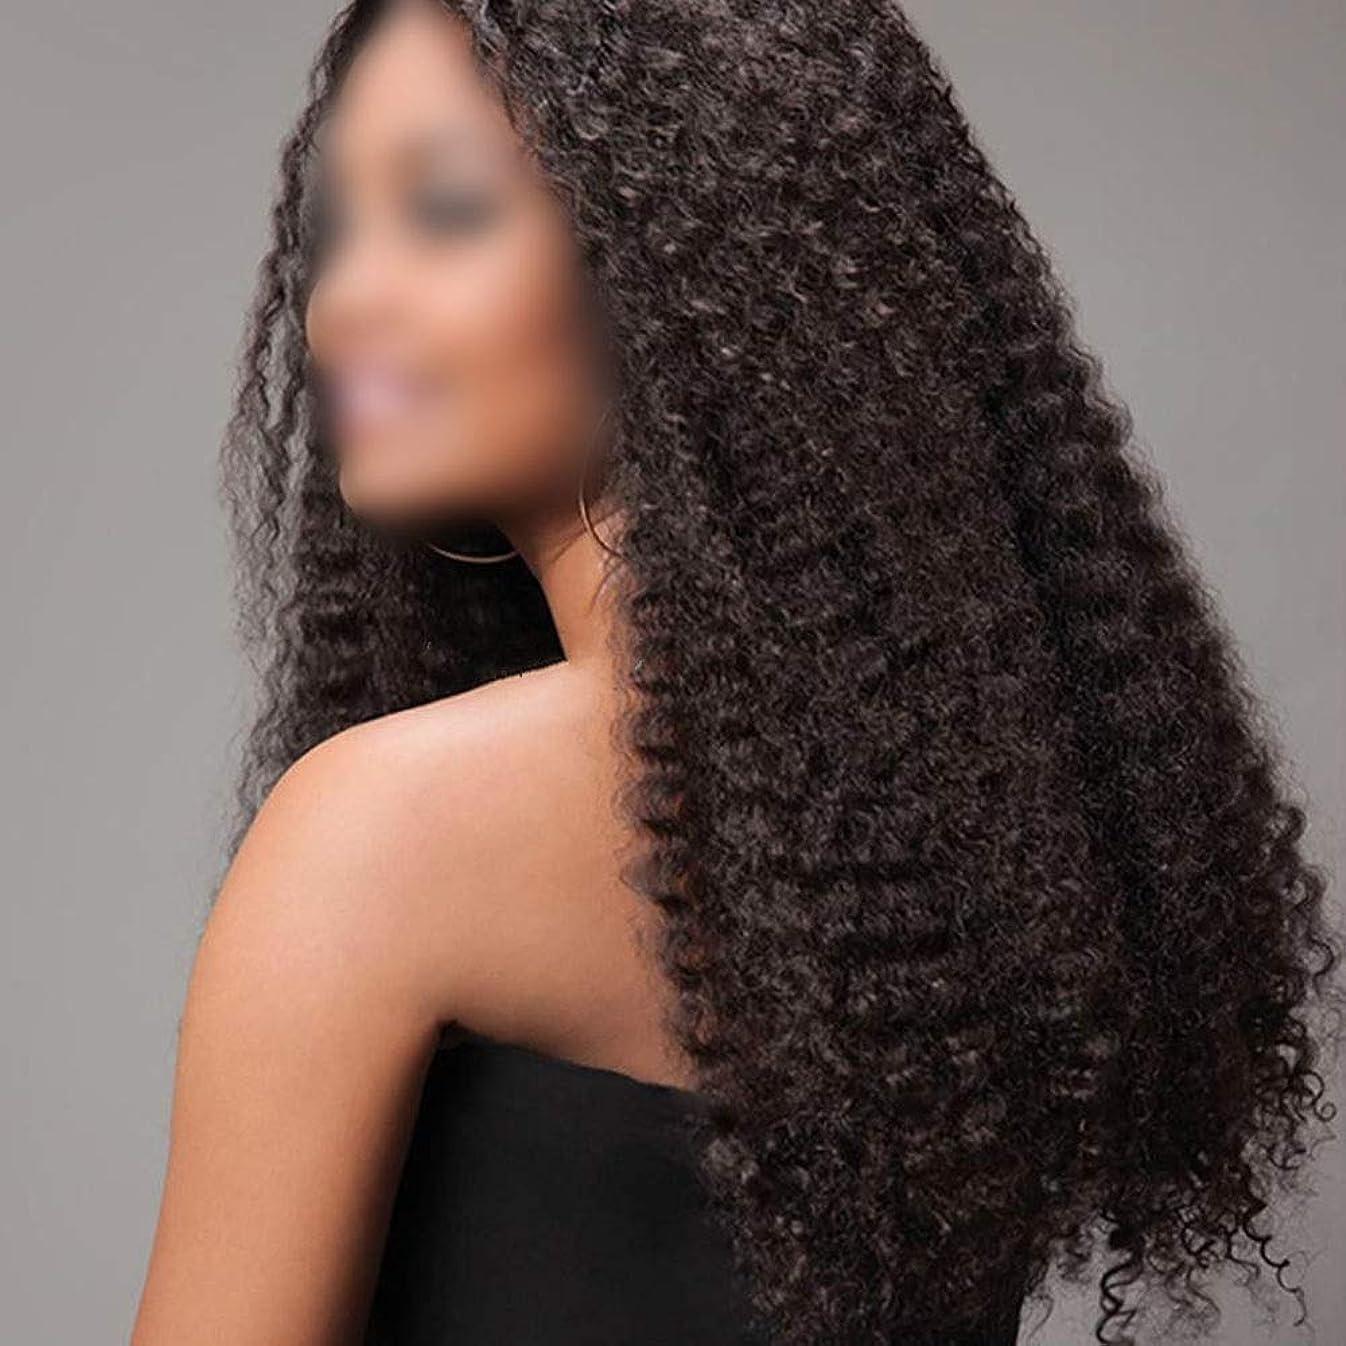 散逸一定踊り子Yrattary 女性ふわふわカーリー爆発的な髪のかつら - ブラジルの深い波小さなロール髪のかつらロングカール髪コスプレパーティーかつら自然な女性の合成かつらレースかつらロールプレイングかつら (色 : 黒, サイズ : 20inch)